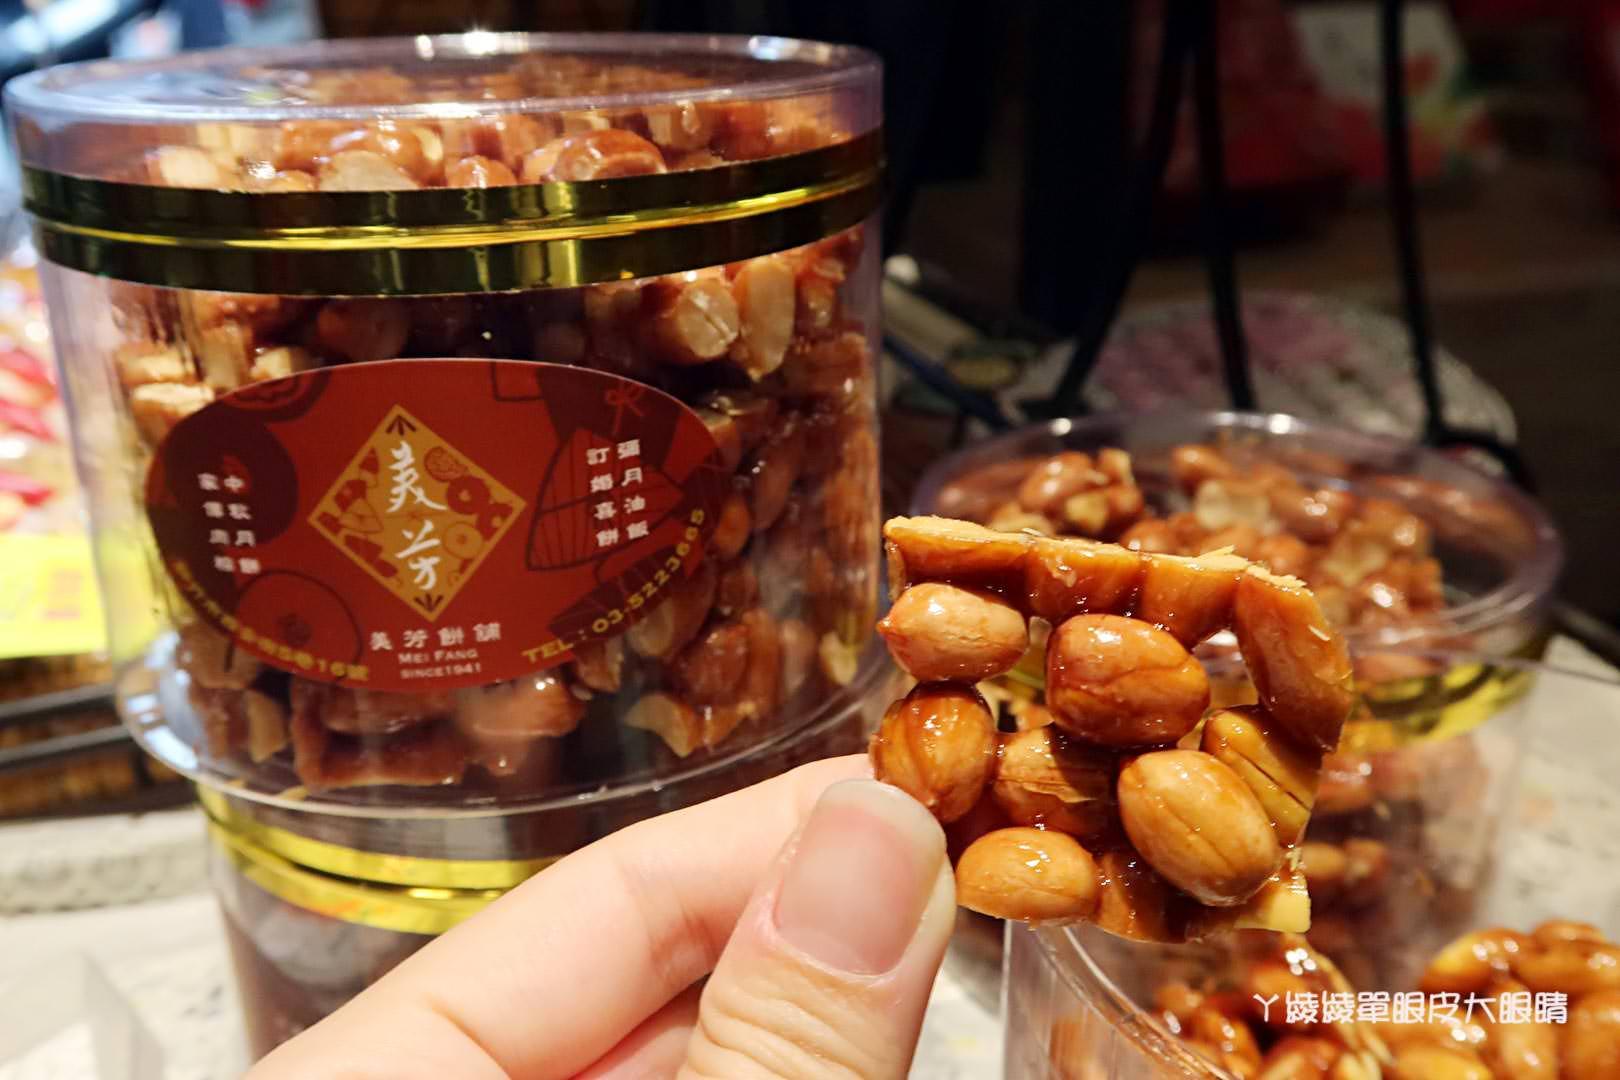 新竹好吃油飯推薦《美芳餅舖》,過年伴手禮盒選七十年老字號餅舖,蛋黃酥|綠豆椪|竹塹餅|古早味傳統肉粽